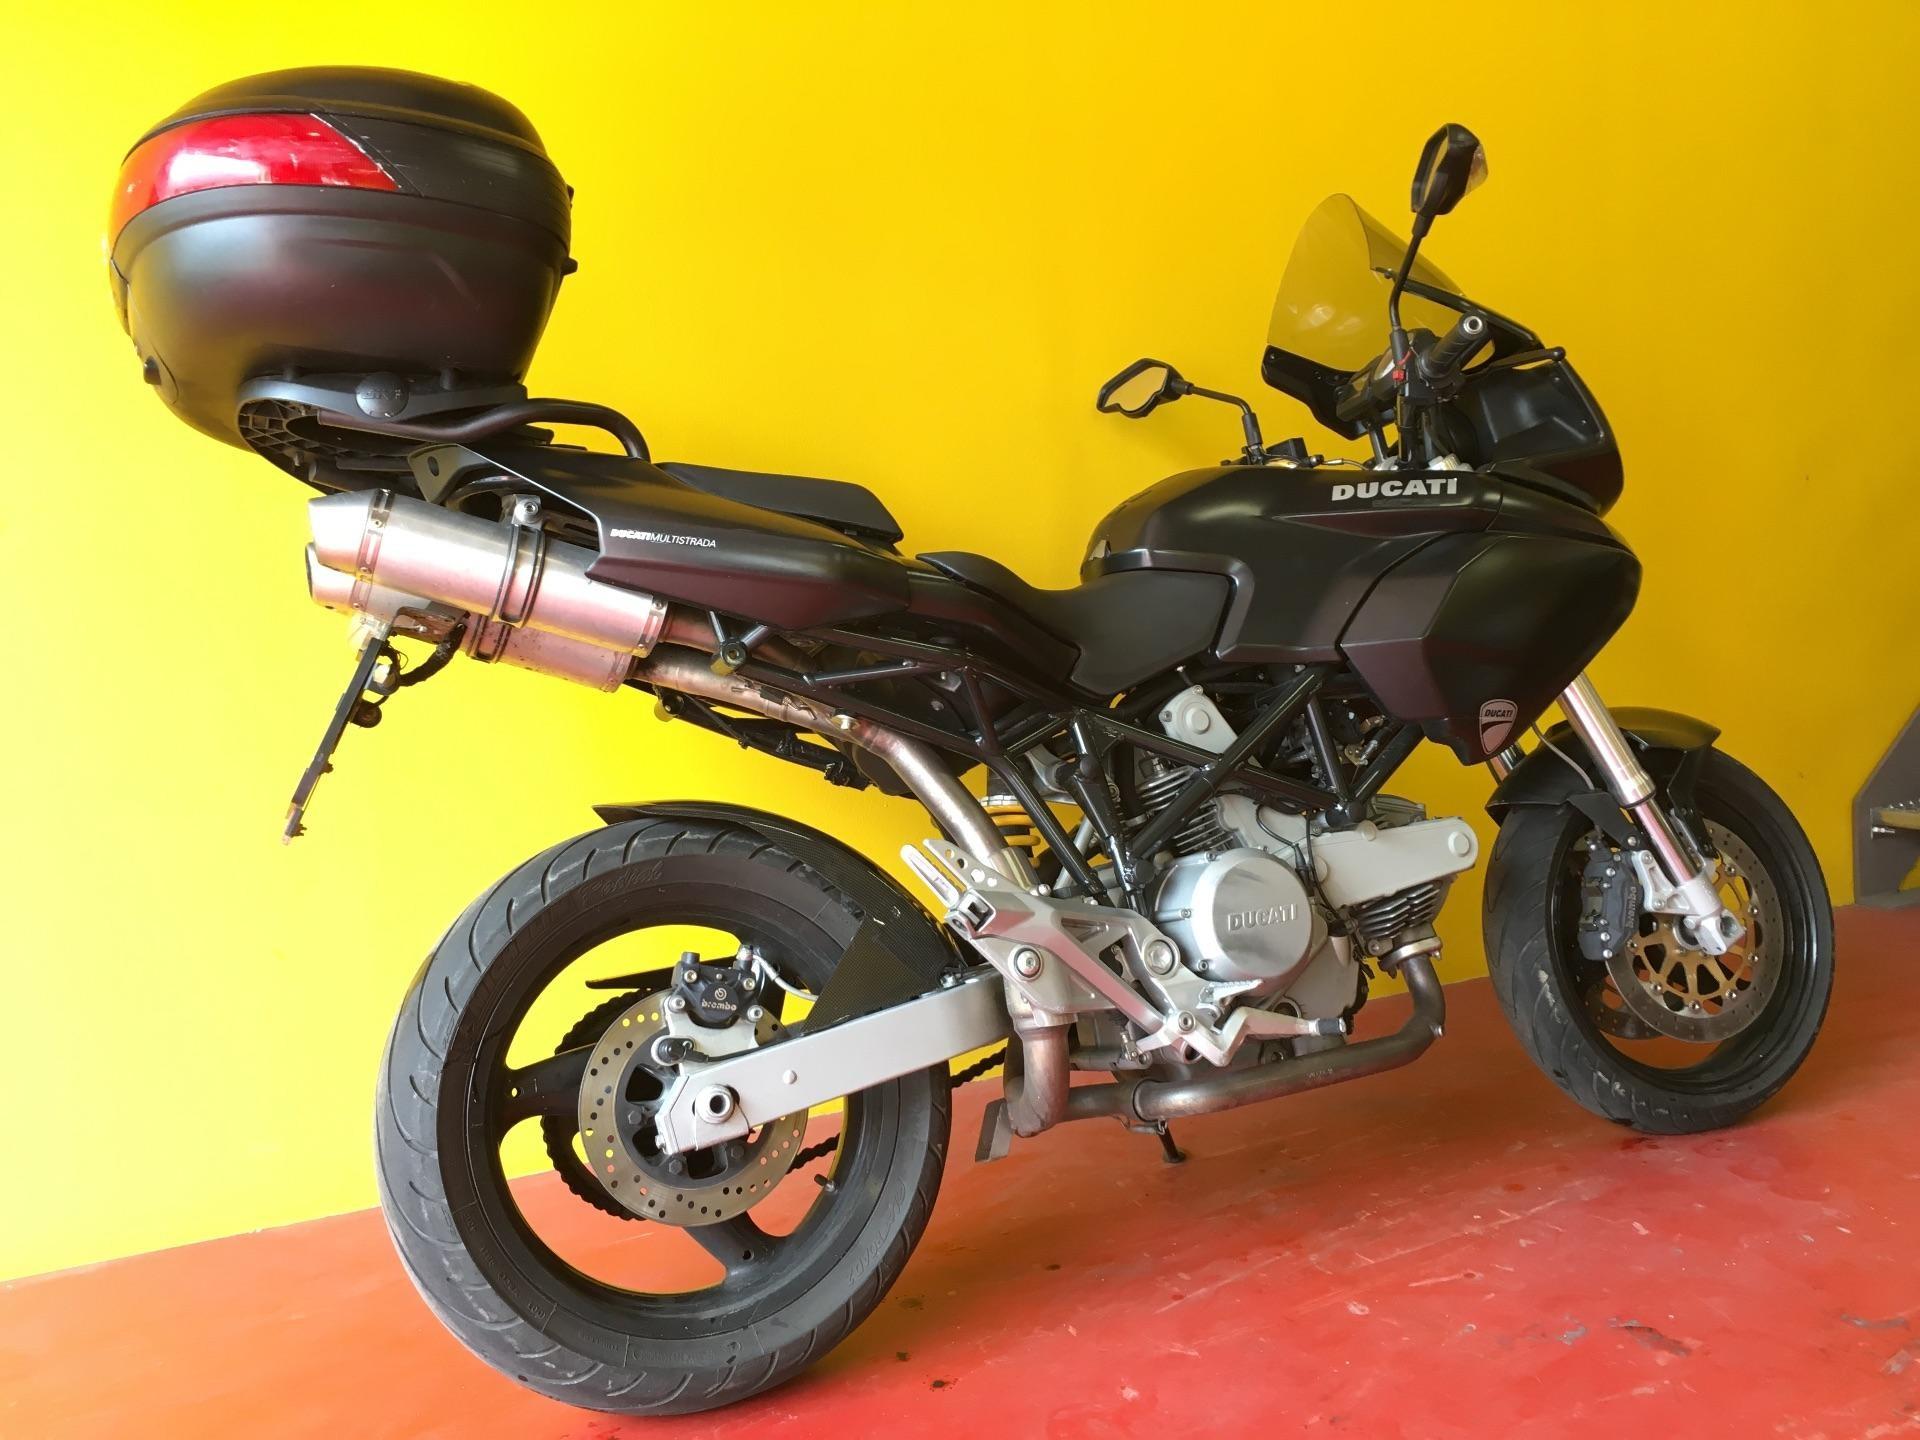 motorrad occasion kaufen ducati 620 multistrada centro moto ticino camorino camorino. Black Bedroom Furniture Sets. Home Design Ideas